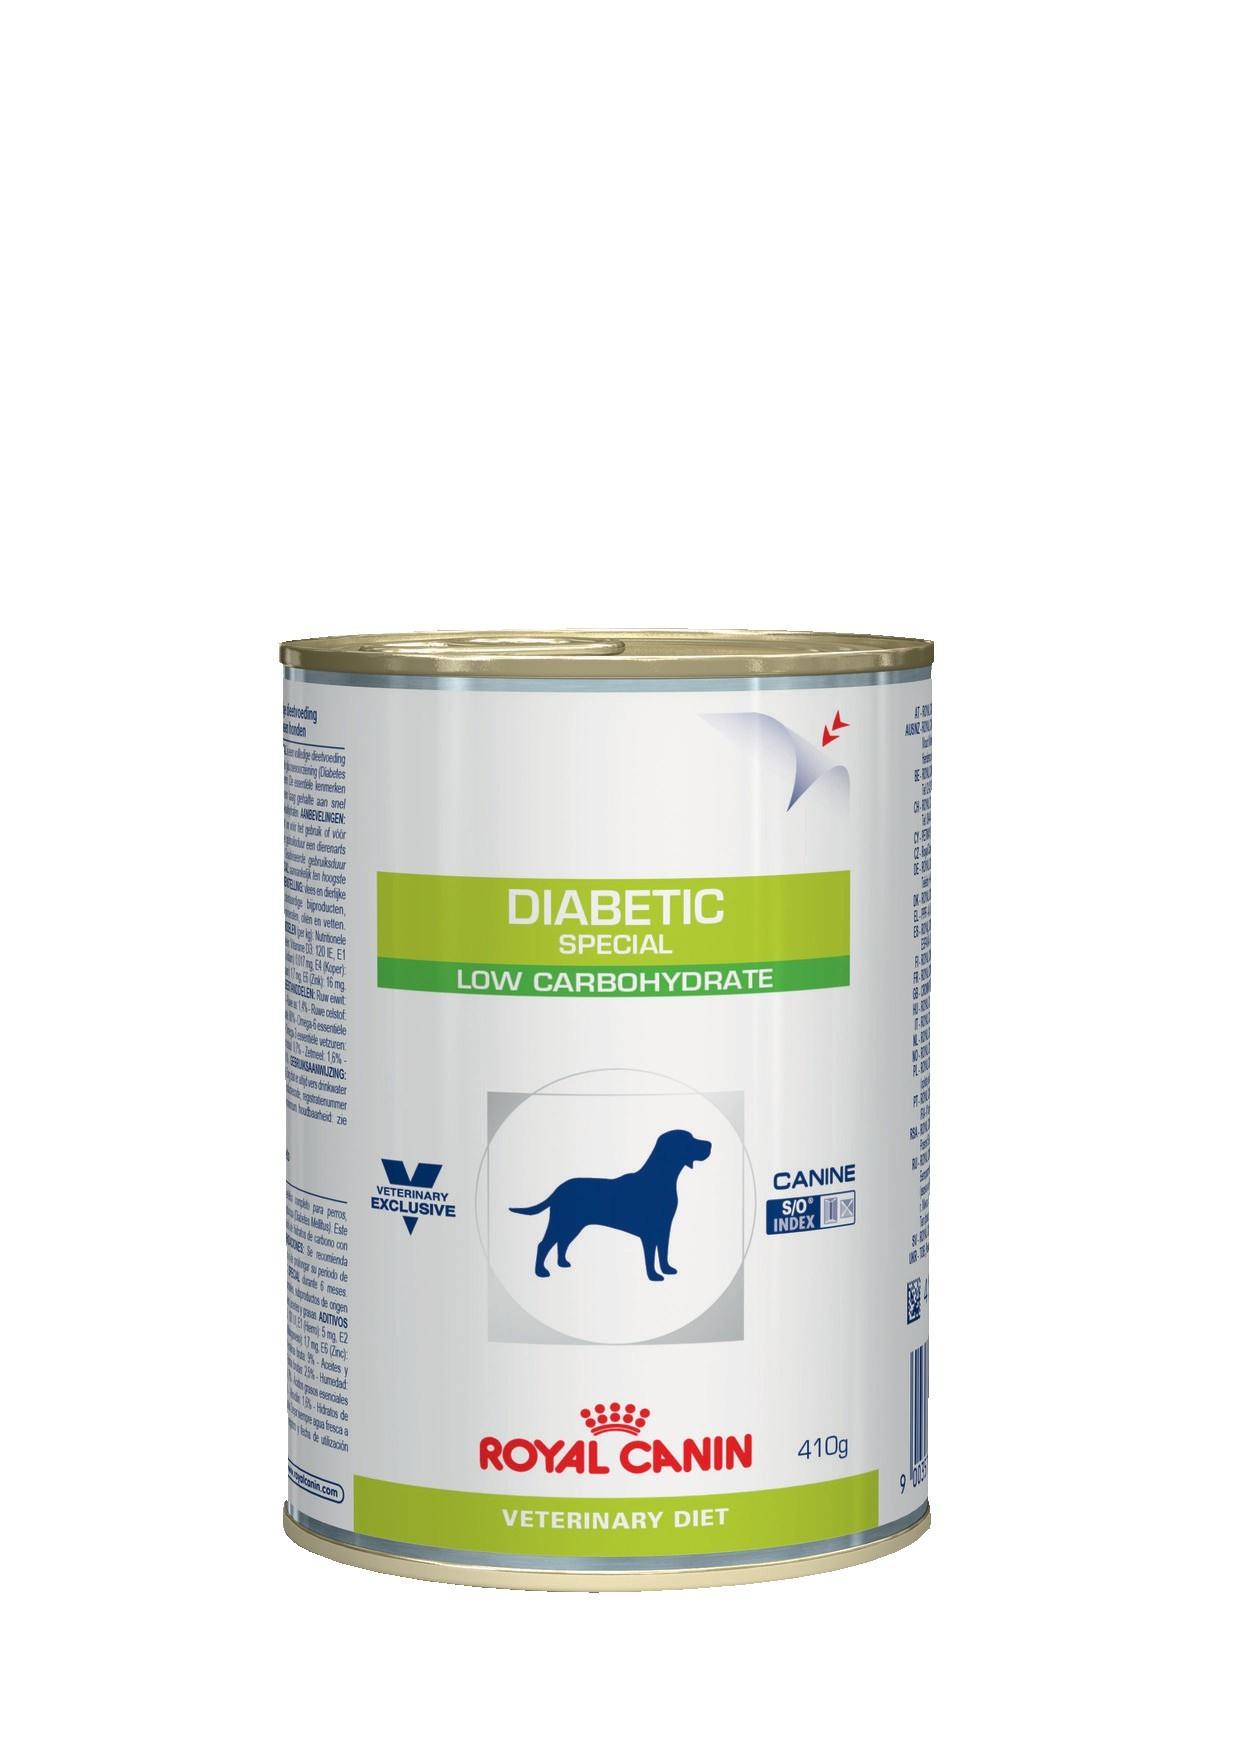 Royal Canin консервы для взрослых и пожилых собак всех пород, при сахарном диабете (400 гр) royal canin сухой корм royal canin diabetic canine ds37 для собак при ожирении 2 й стадии или при сахарном диабете